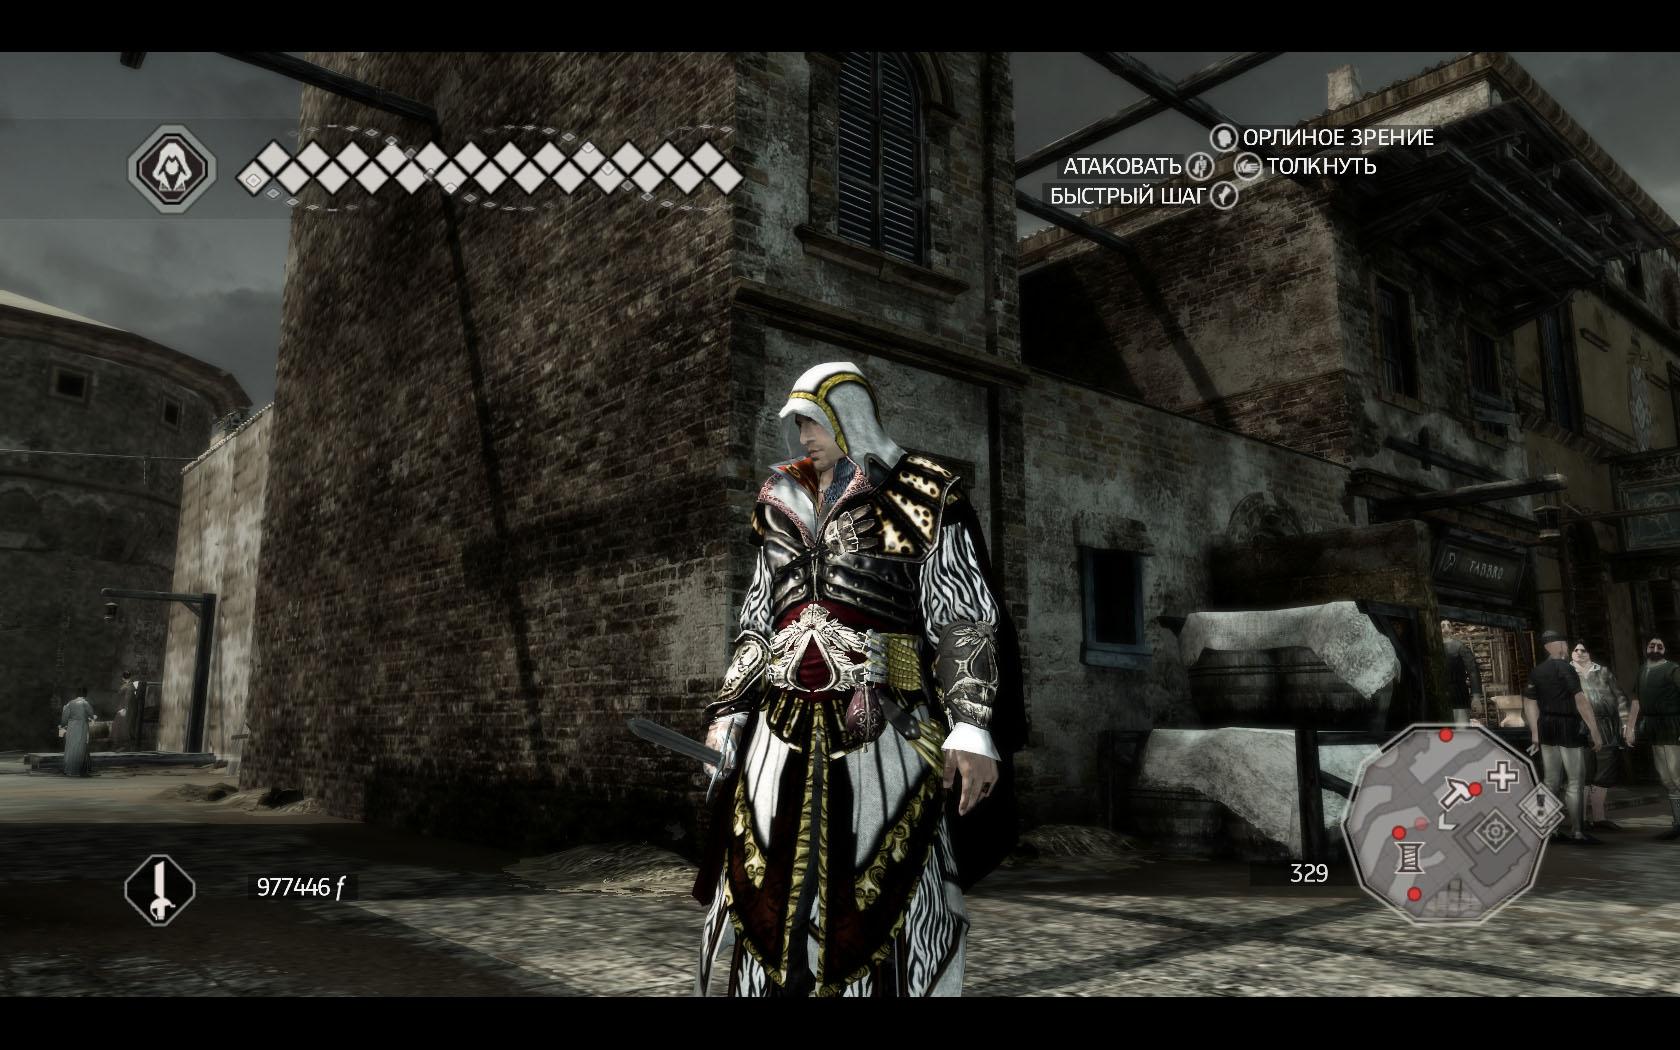 Скачать assassin's creed 2 | скачать бесплатно игры на компьютер.